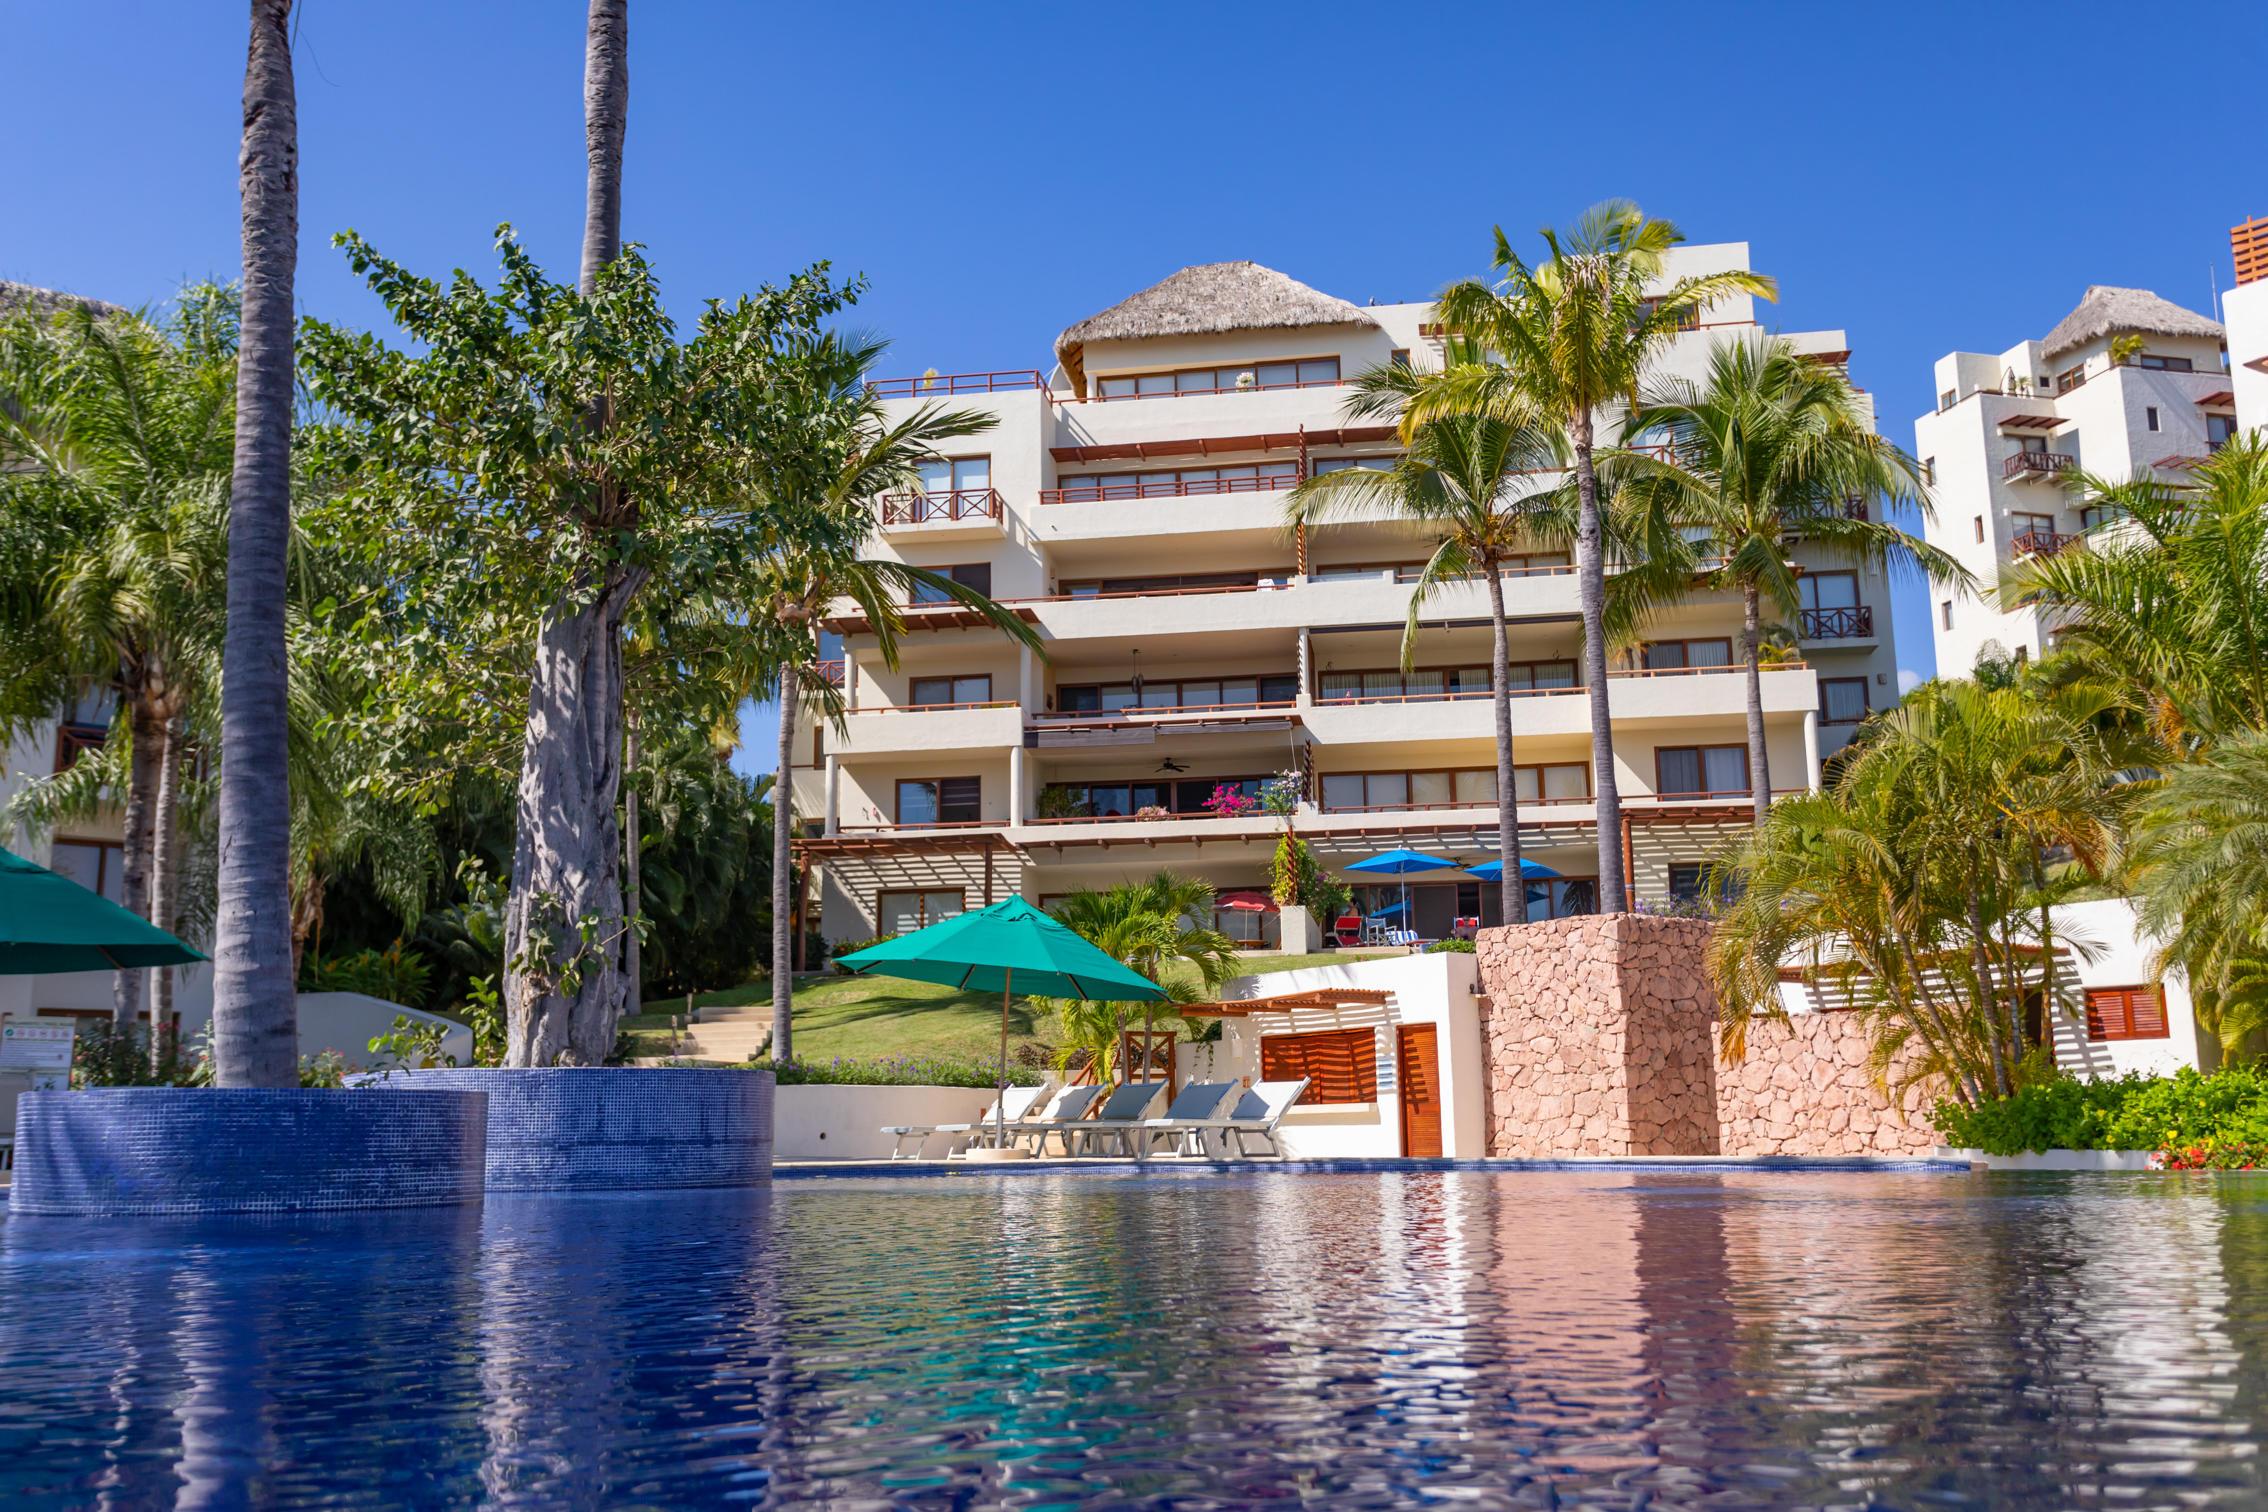 La Cruz de Huanacaxtle, 3 Bedrooms Bedrooms, ,3 BathroomsBathrooms,Condo,For Sale,Carr, Tepic - Puerto Vallarta,19591